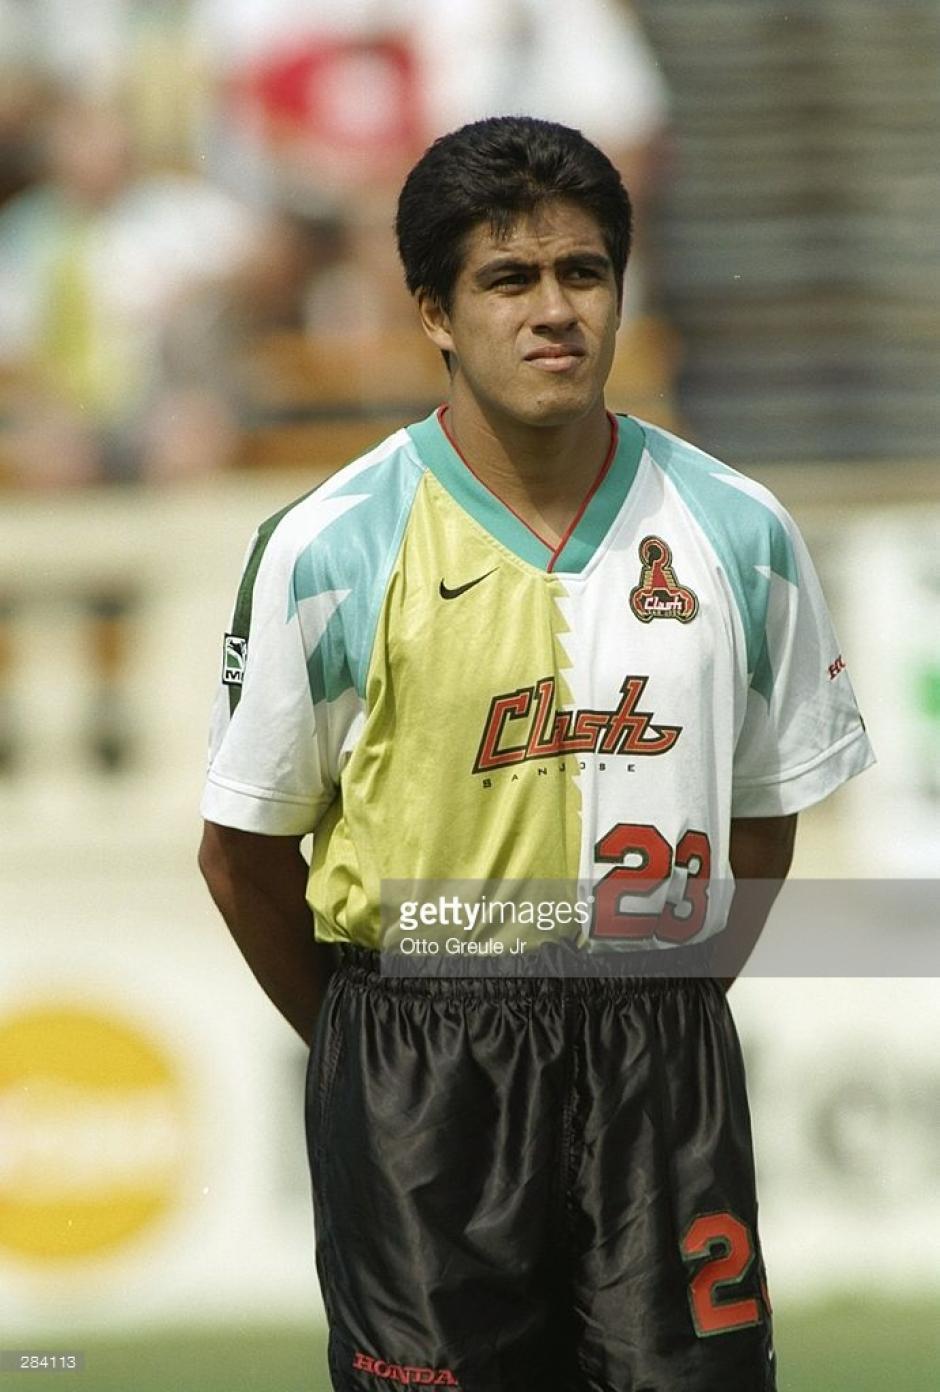 El primer remate a portería en la MLS lo hizo el guatemalteco Jorge Rodas. (Foto: Getty Images)